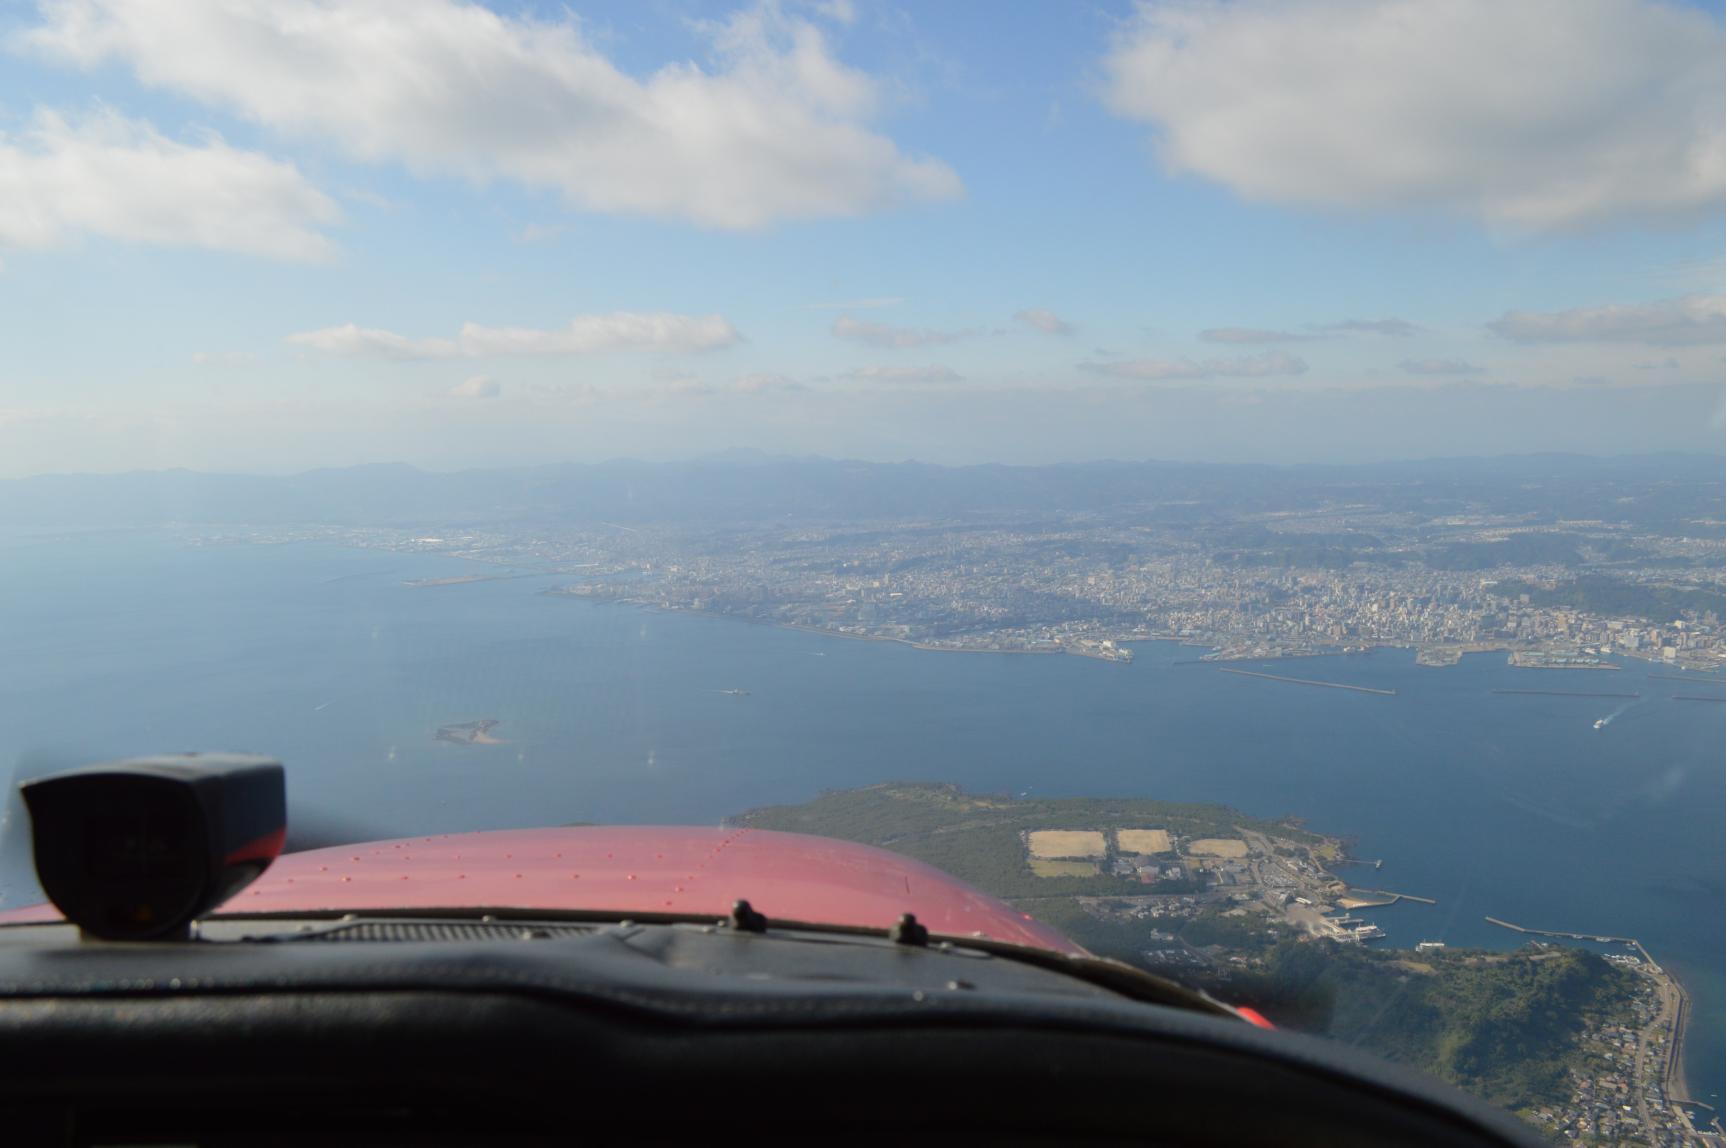 出发吧!飞向鹿儿岛的天空!请欣赏壮阔的景色-2